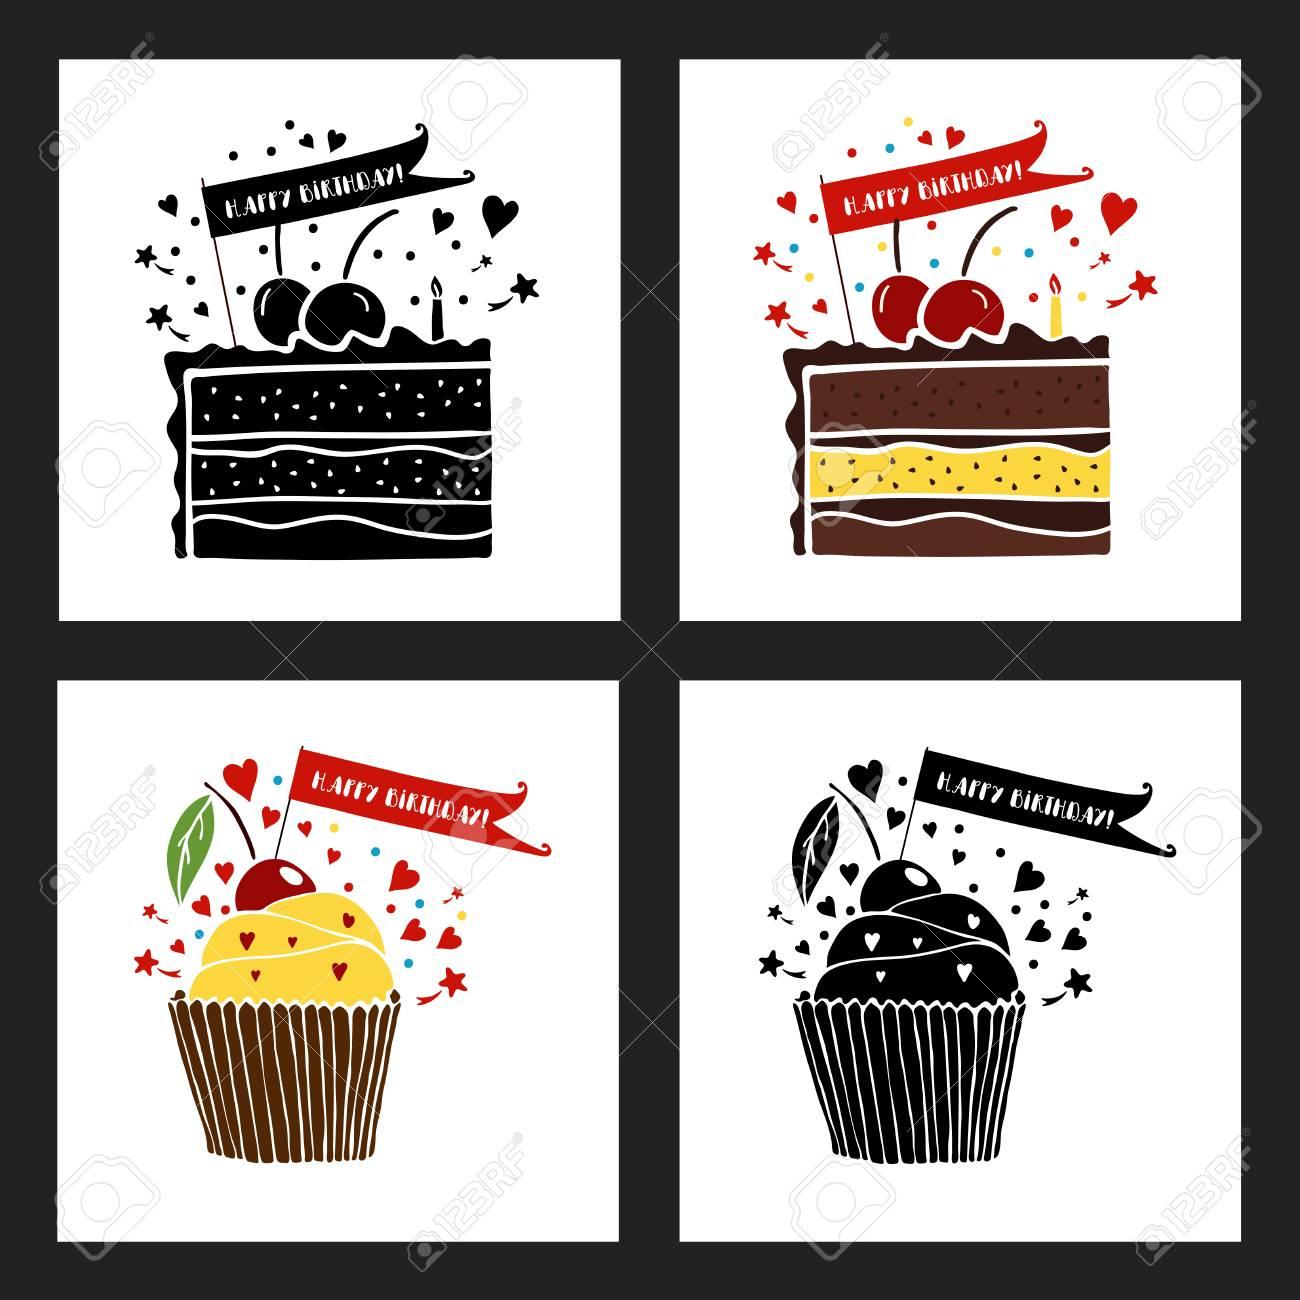 Vettoriale Buon Biglietti Di Auguri Compleanno Set Illustrazioni